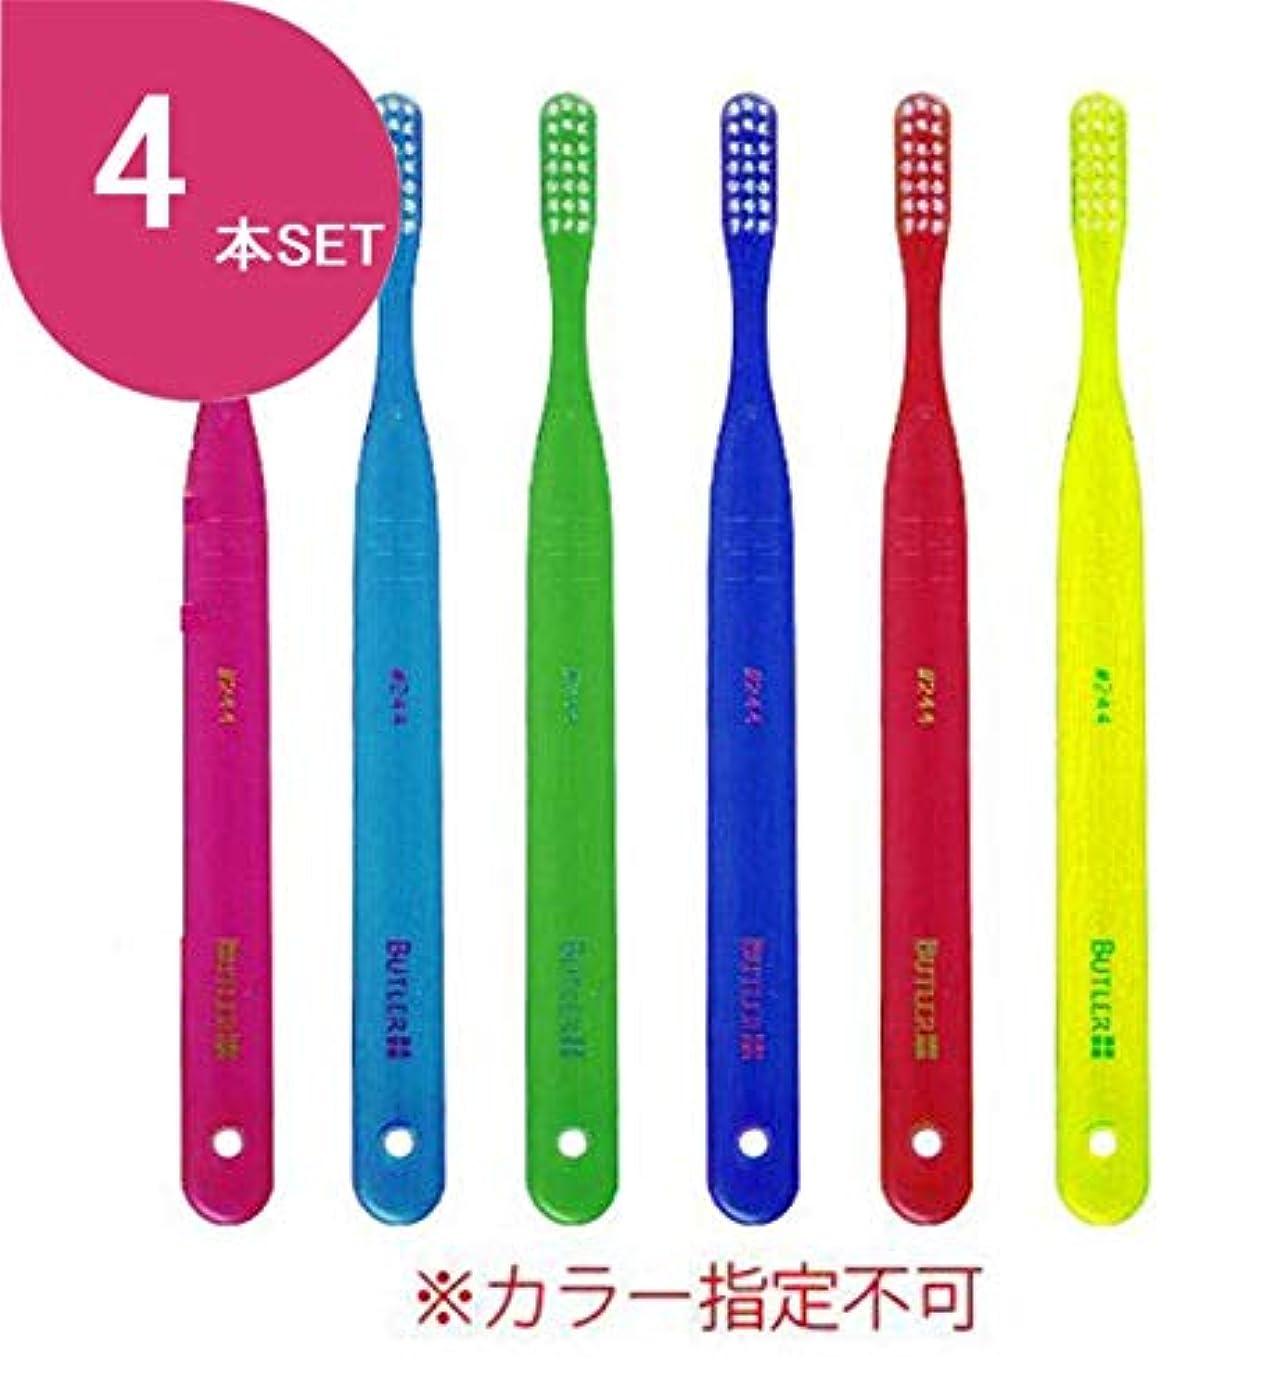 ネイティブナイトスポット身元バトラー歯ブラシ 4本 #244